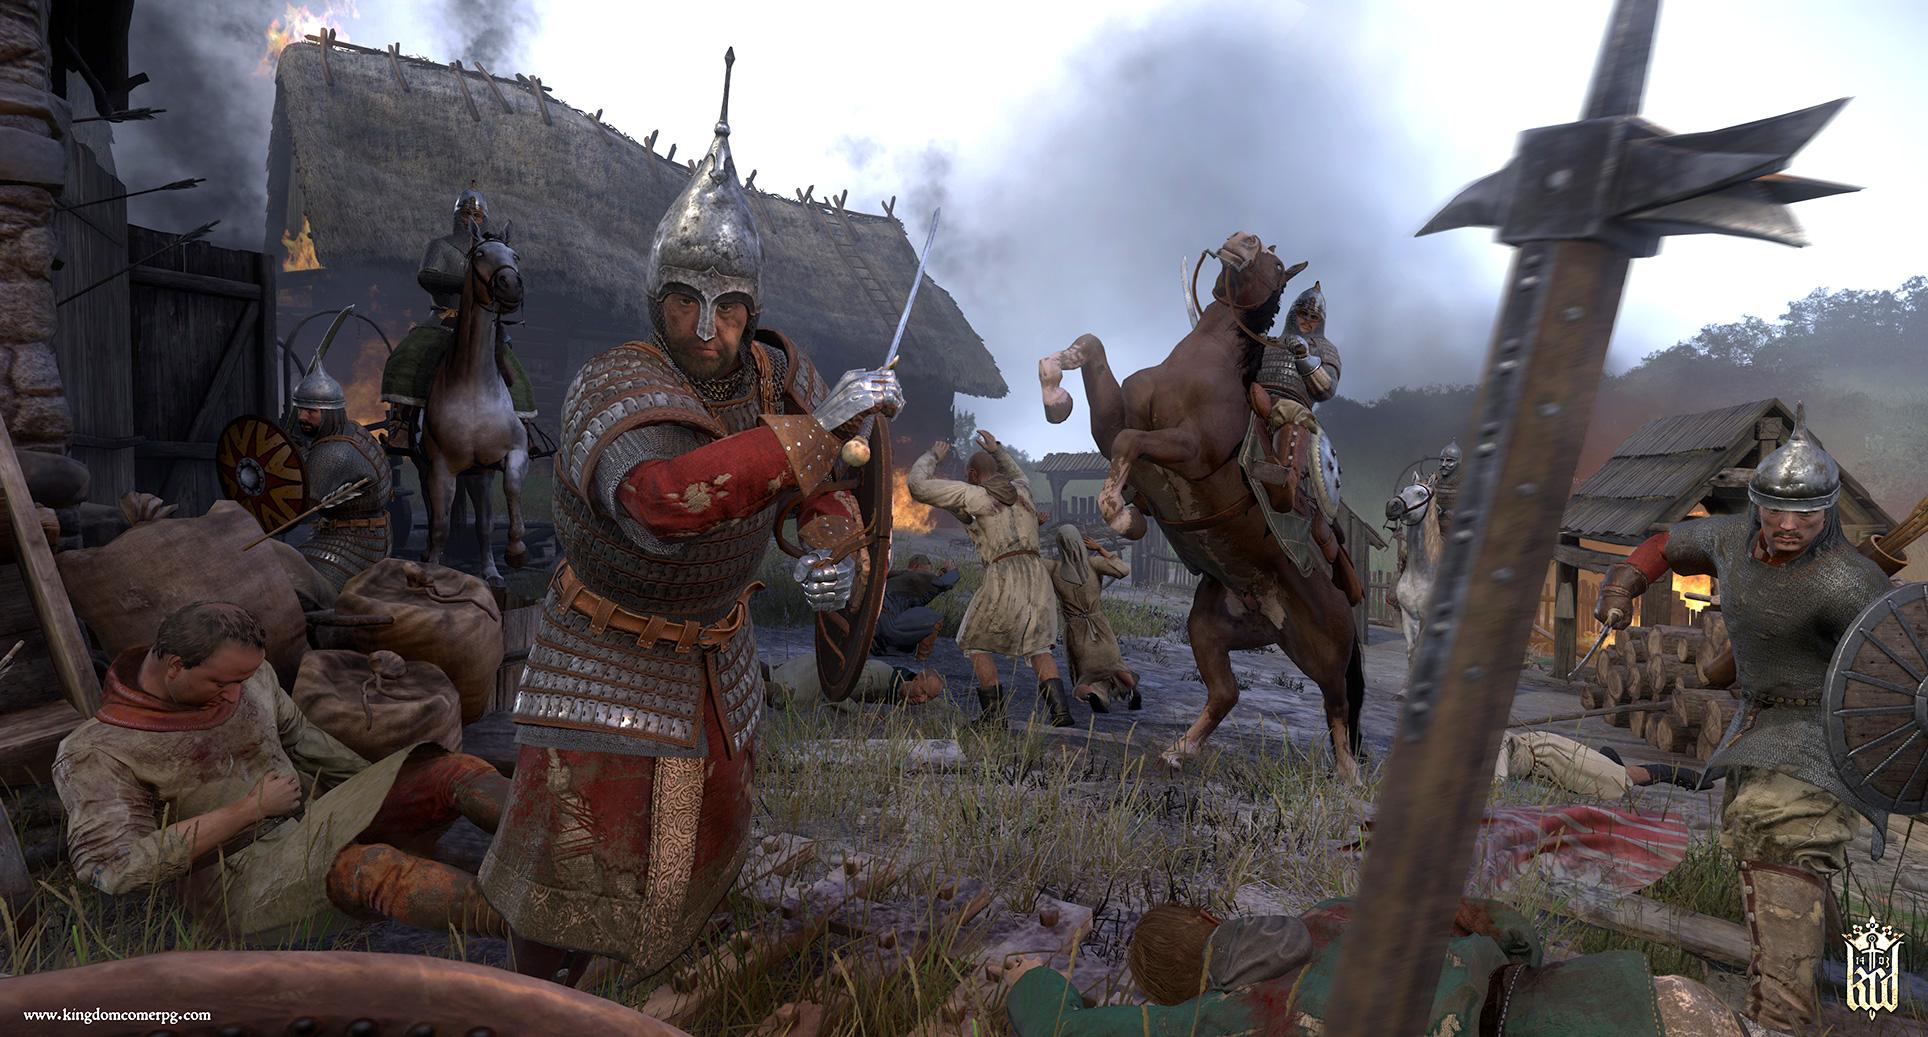 """Wird dank """"Hardcore""""-Modus bald noch knackiger: das tschechische Mittelalter-Rollenspiel """"Kingdom Come: Deliverance""""."""